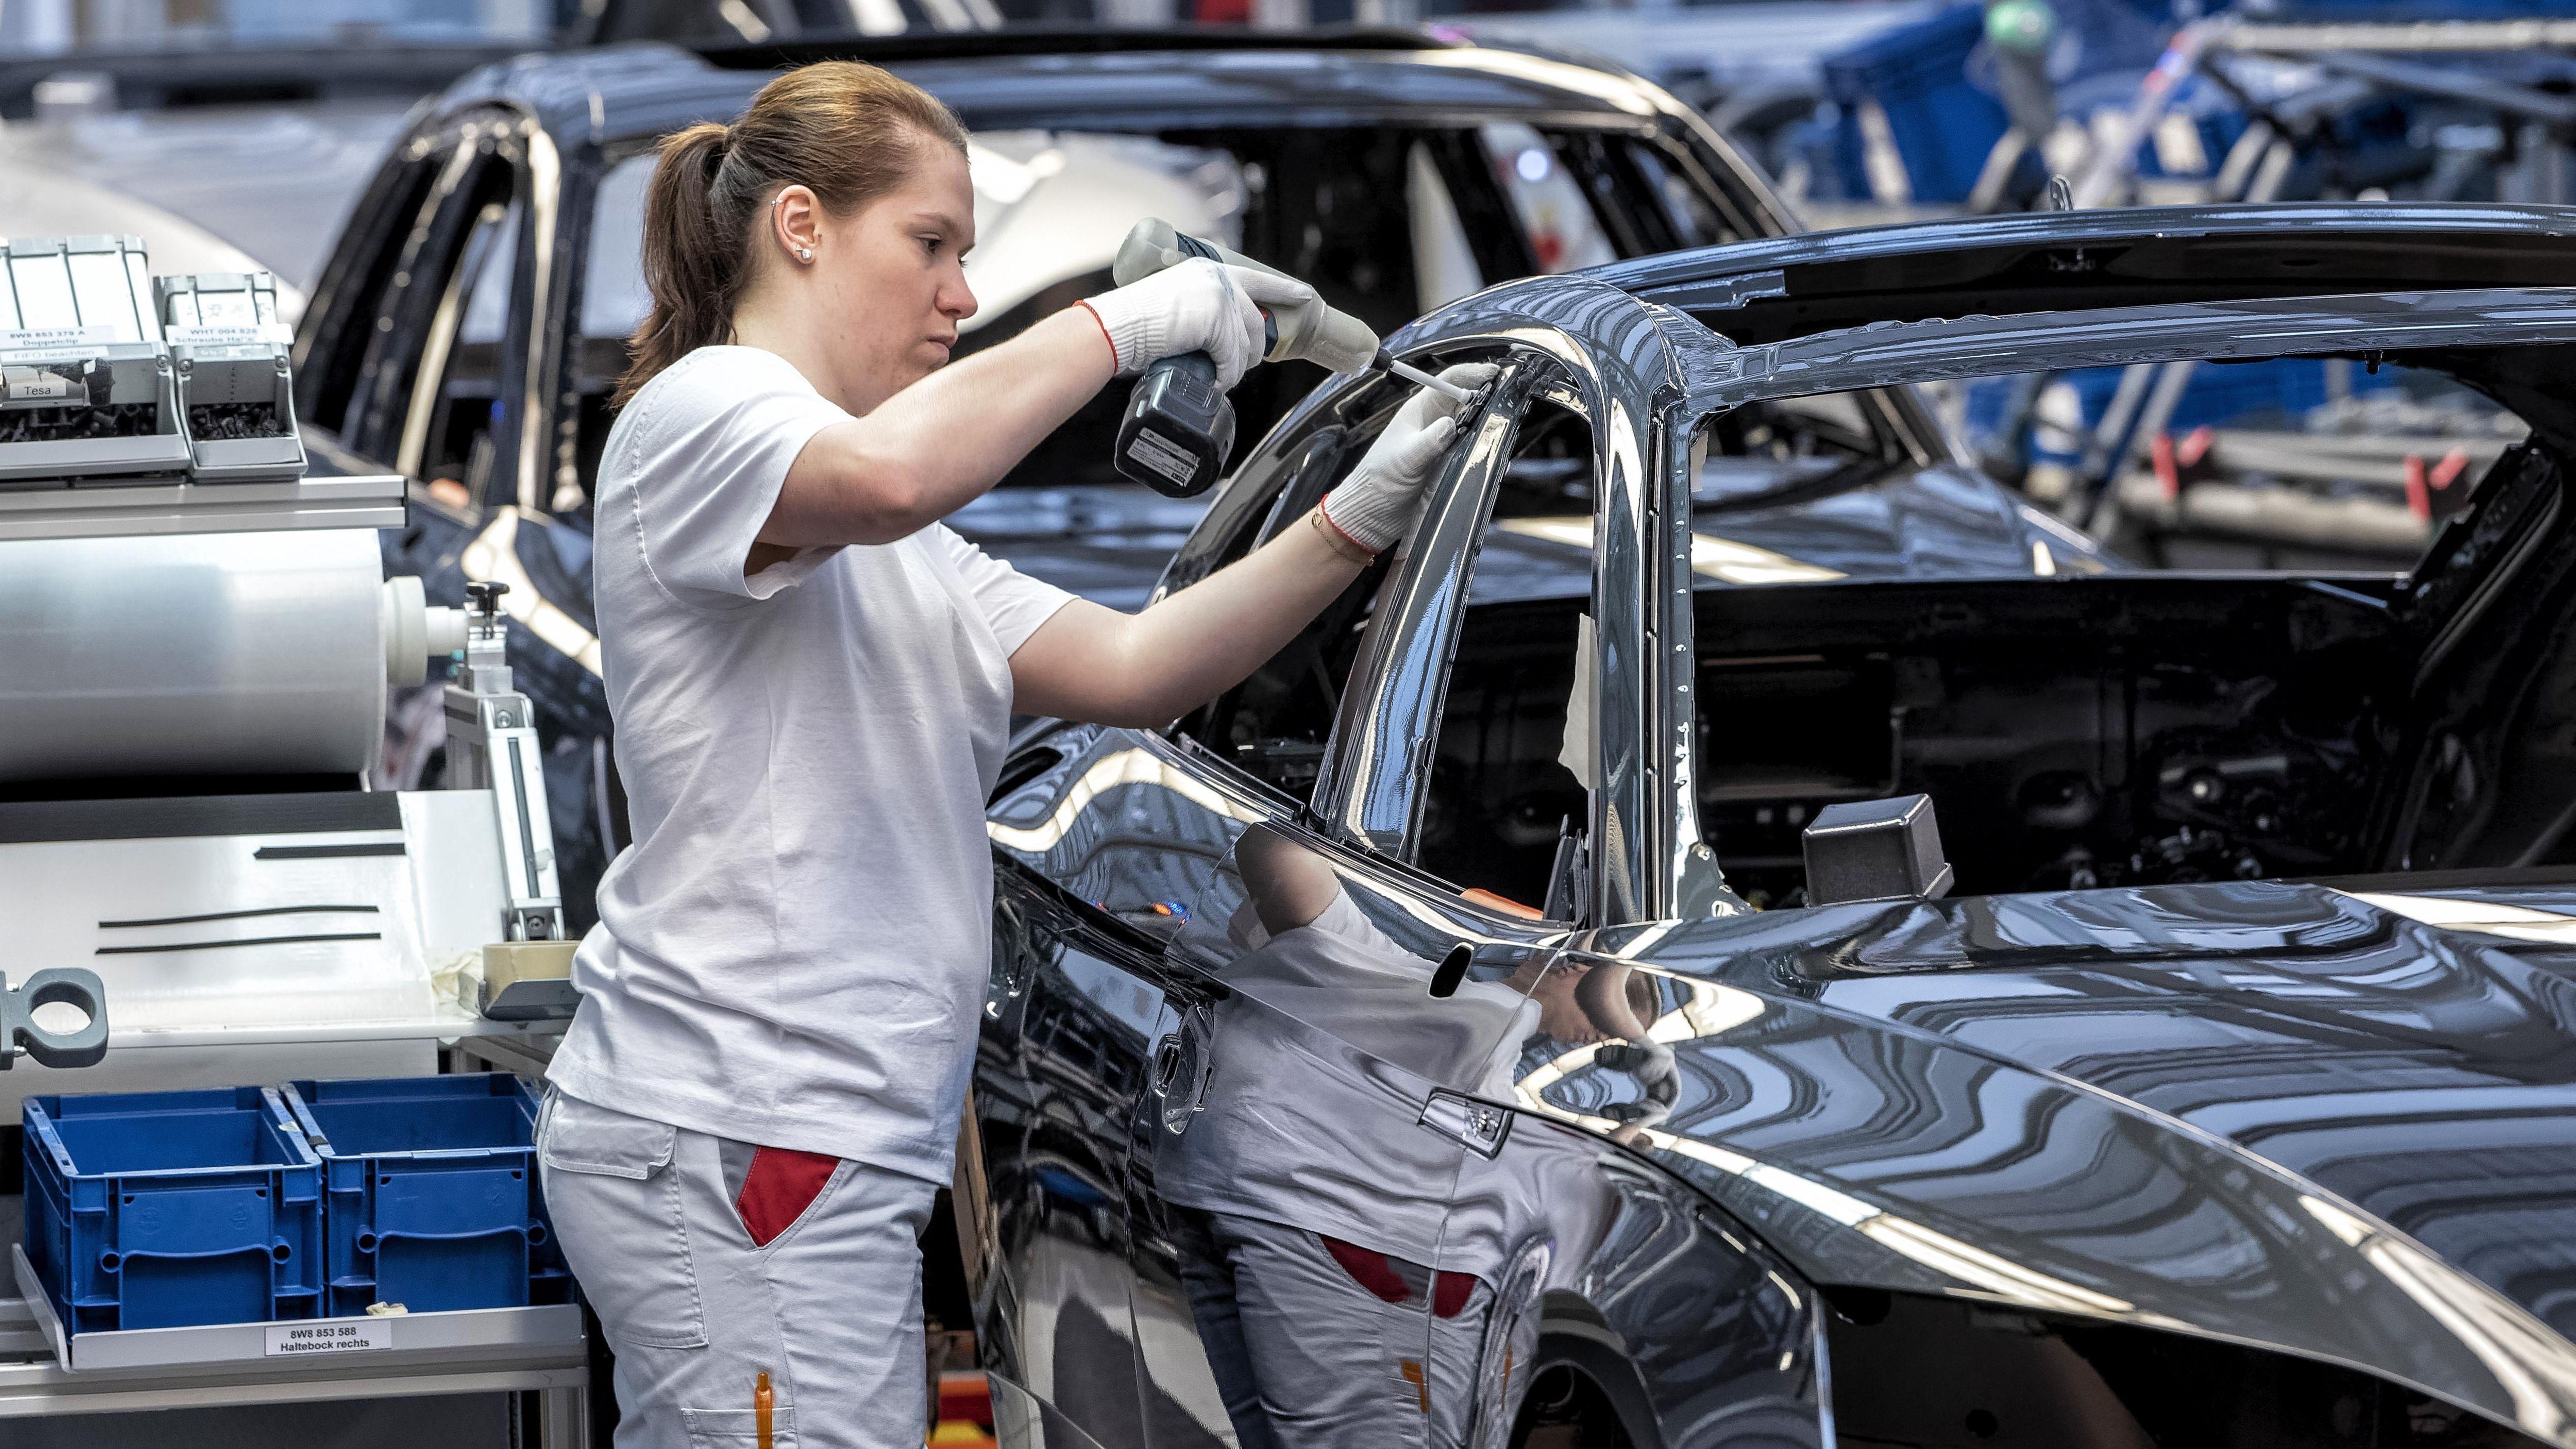 Montagelinie bei Audi im Werk in Ingolstadt.